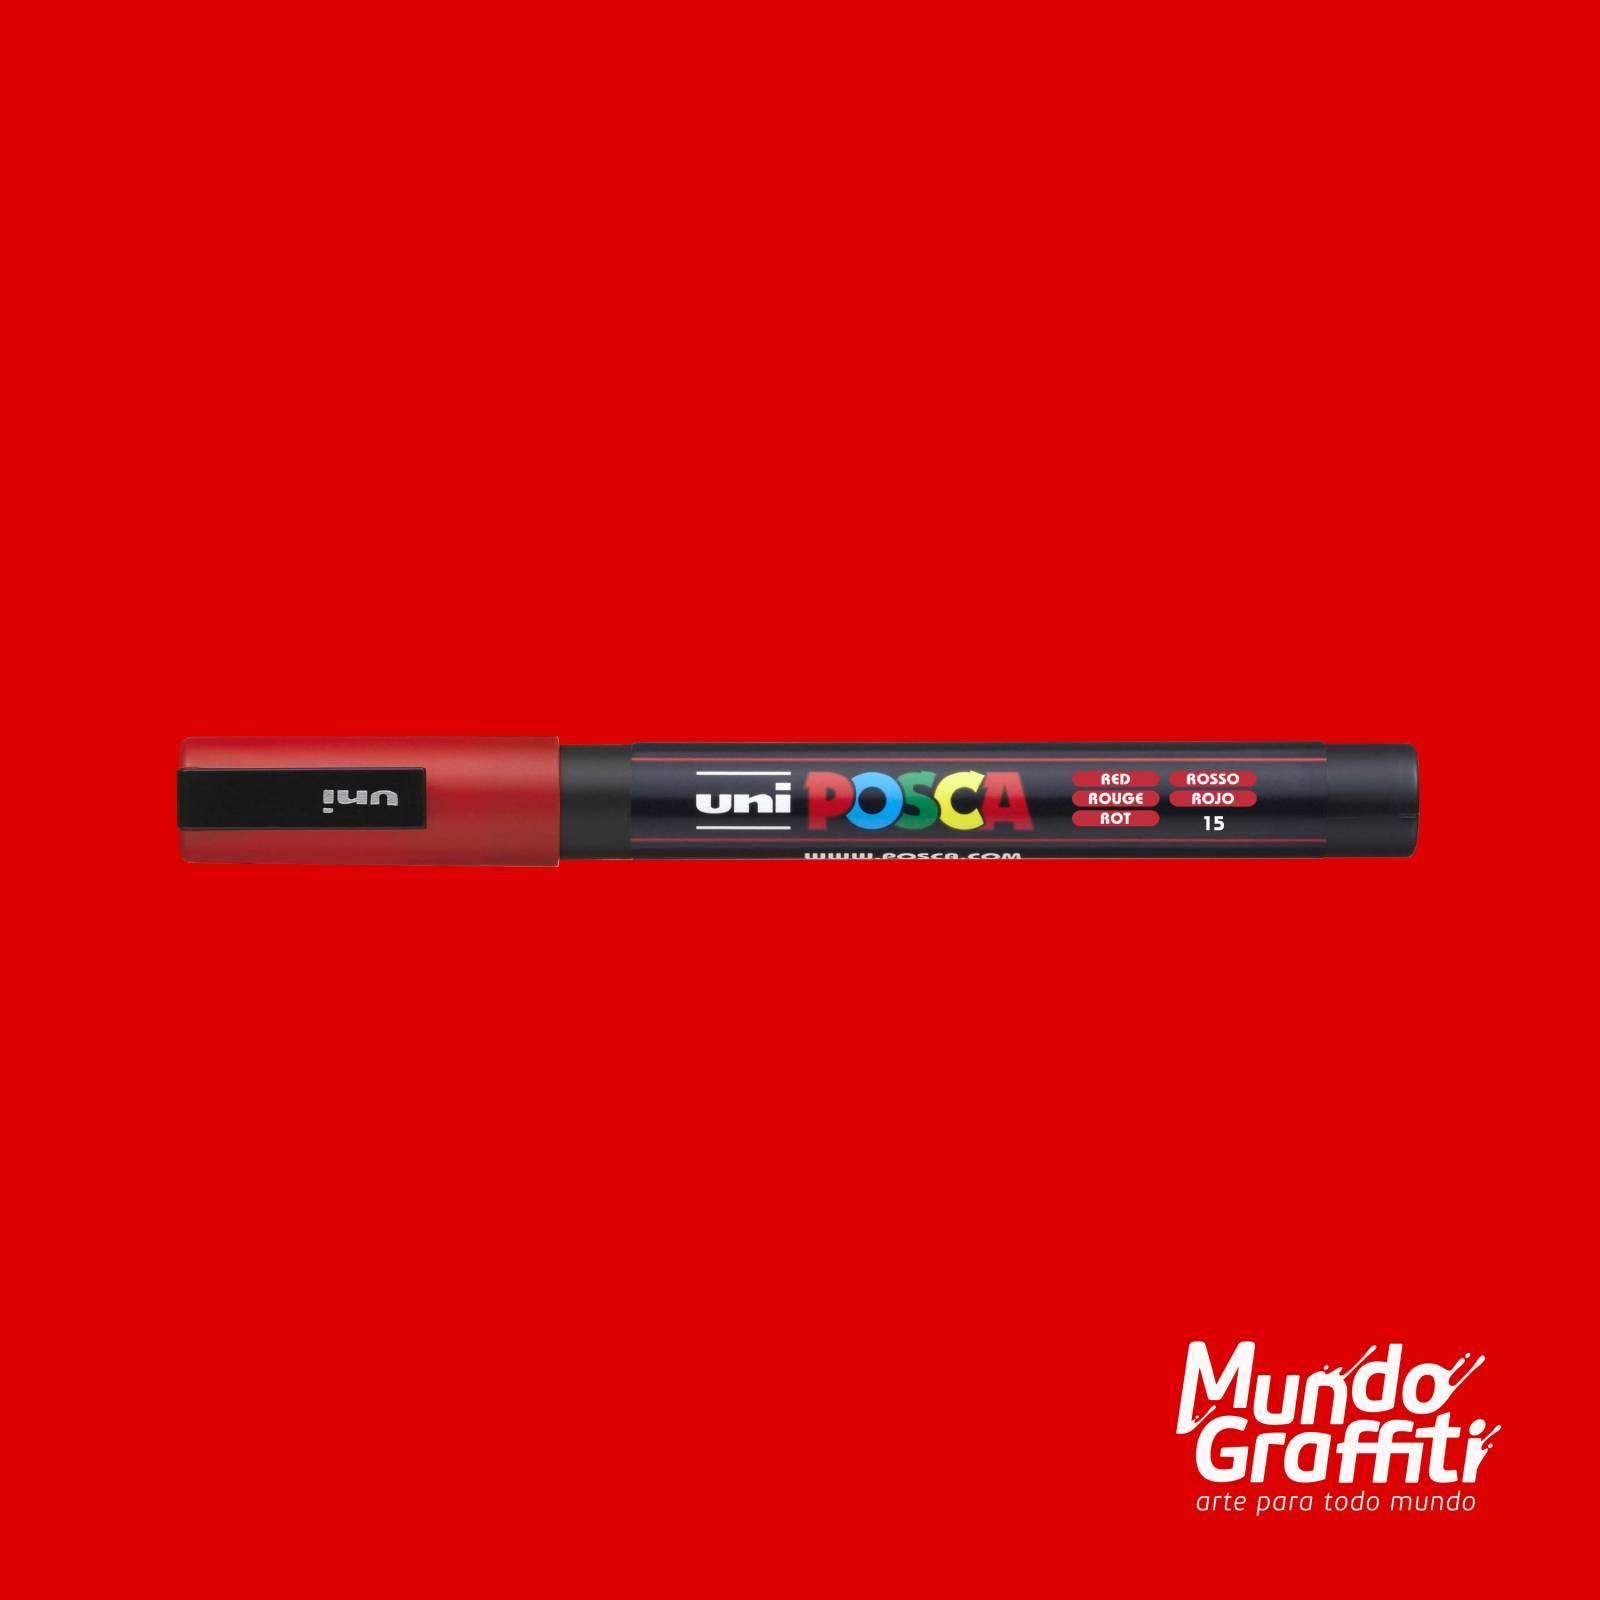 Caneta Posca 3M Vermelho - Mundo Graffiti